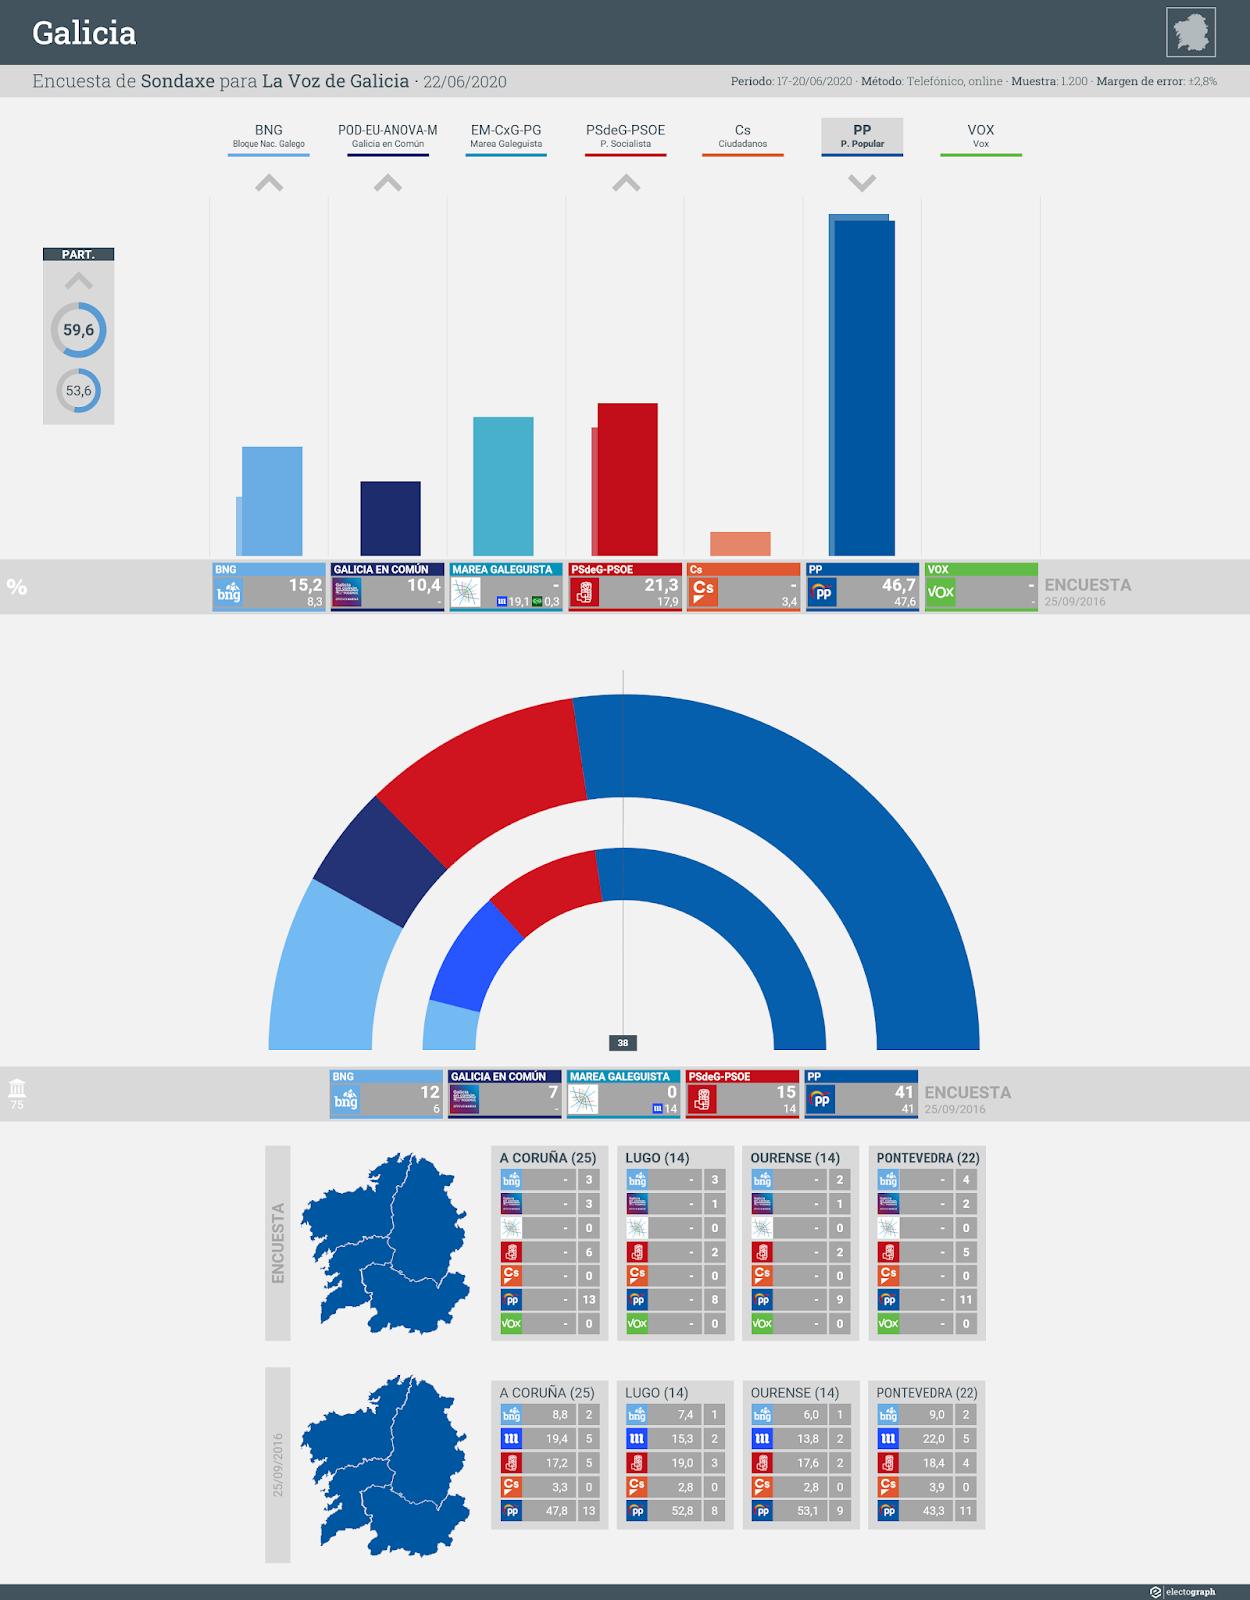 Gráfico de la encuesta para elecciones autonómicas en Galicia realizada por Sondaxe para La Voz de Galicia, 22 de junio de 2020